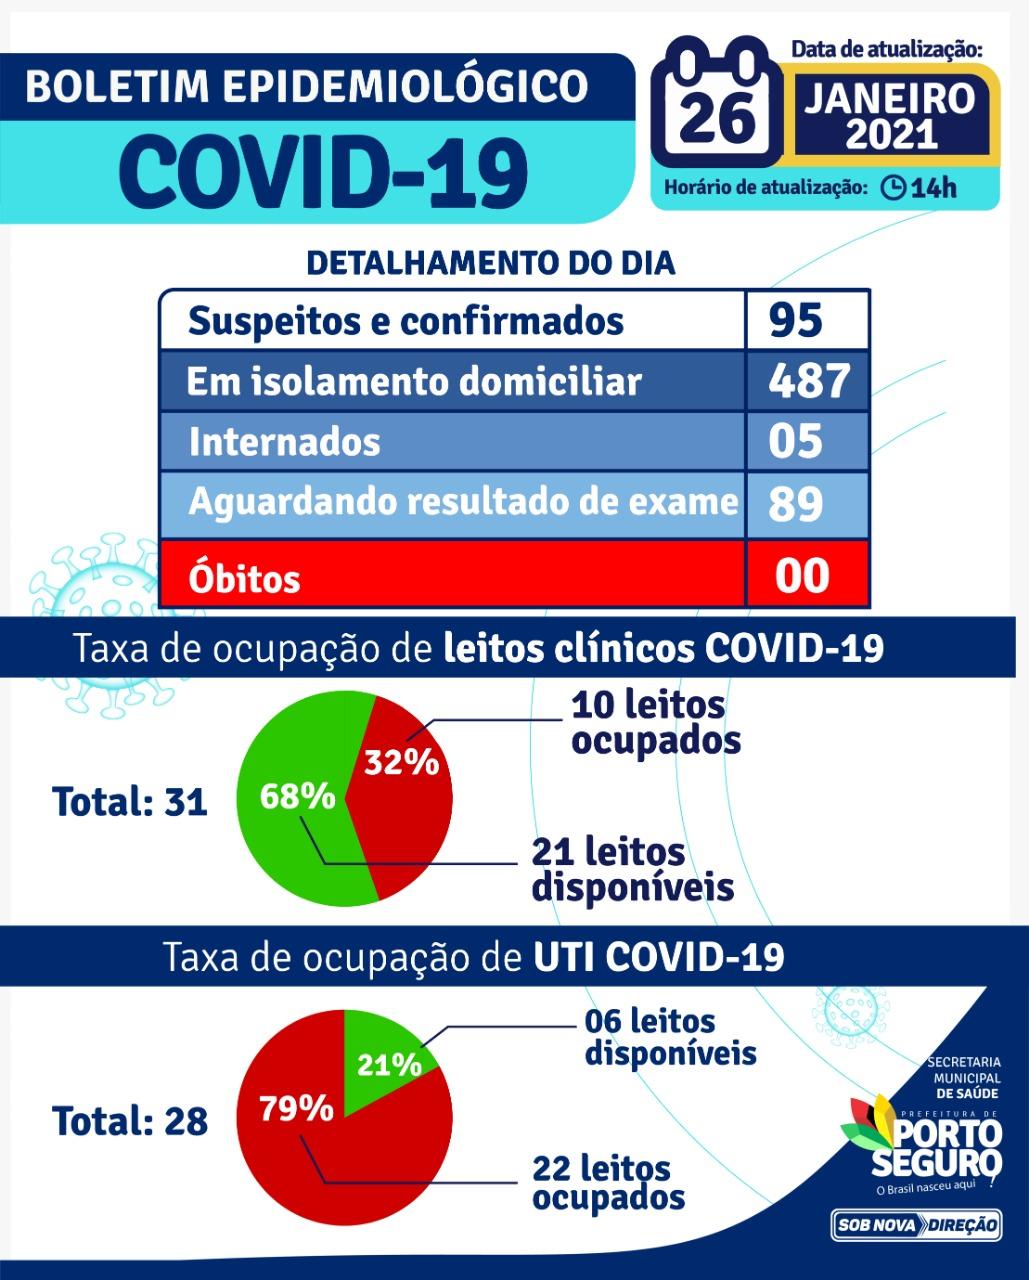 Porto Seguro: Boletim Epidemiológico Coronavírus (Terça-feira) 26/01 24